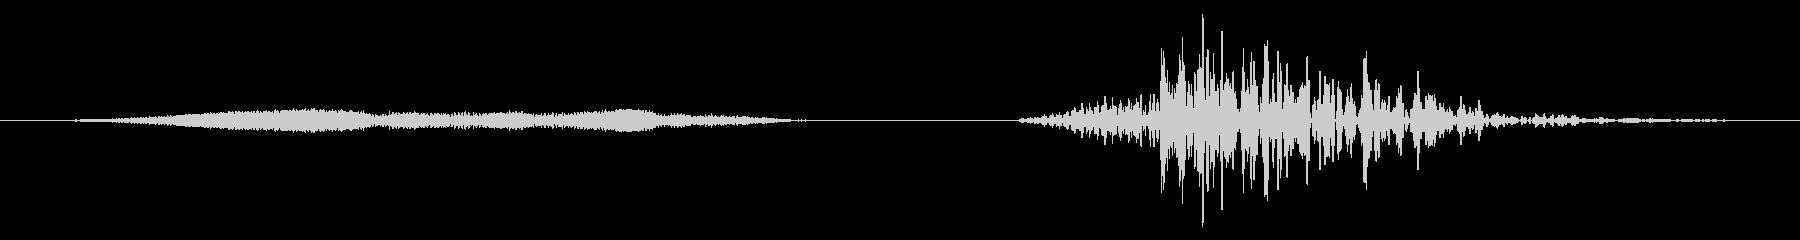 モーターキャニオン、モータードロー...の未再生の波形